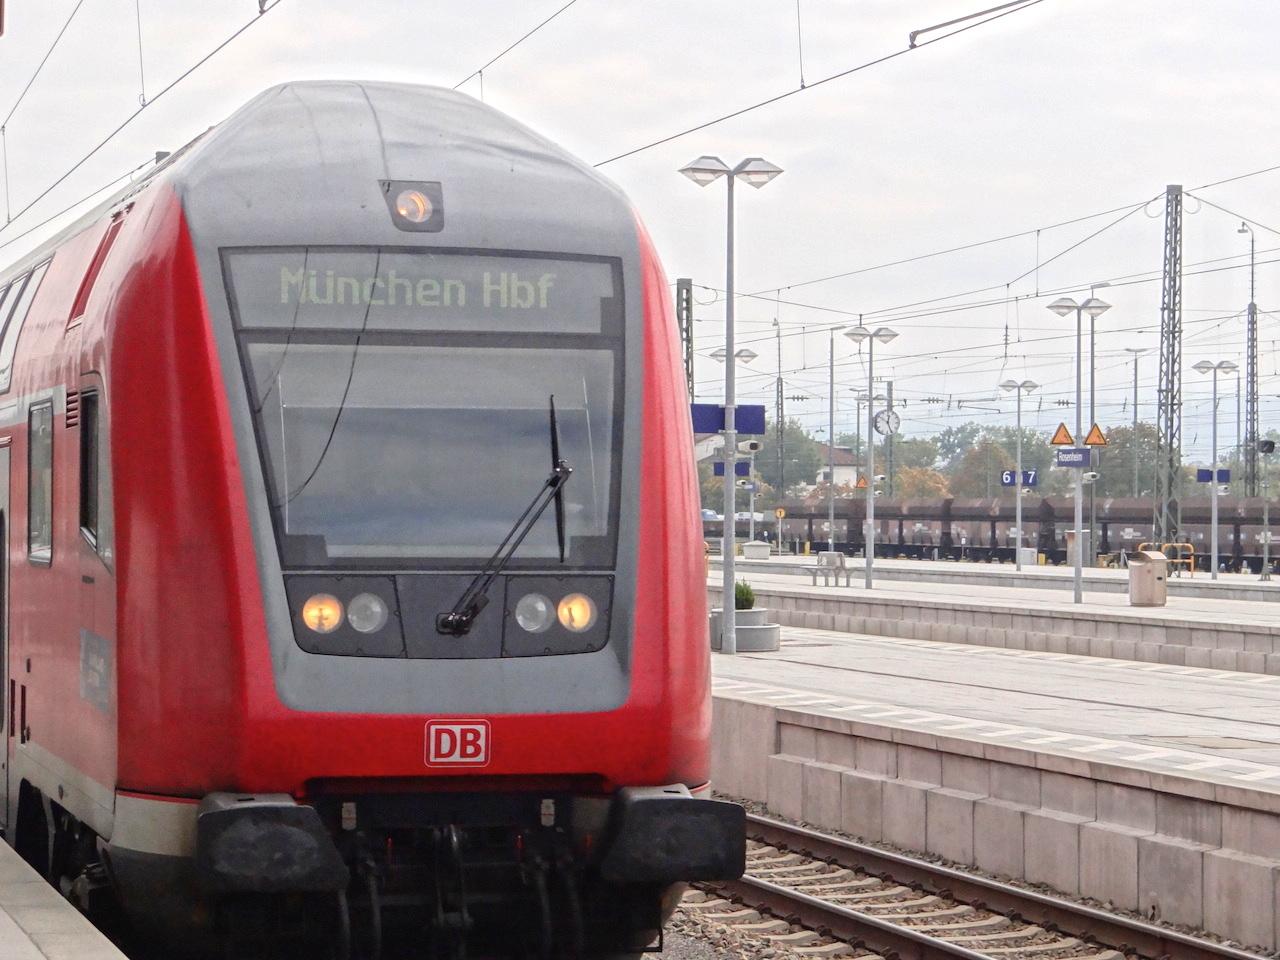 DB Munich